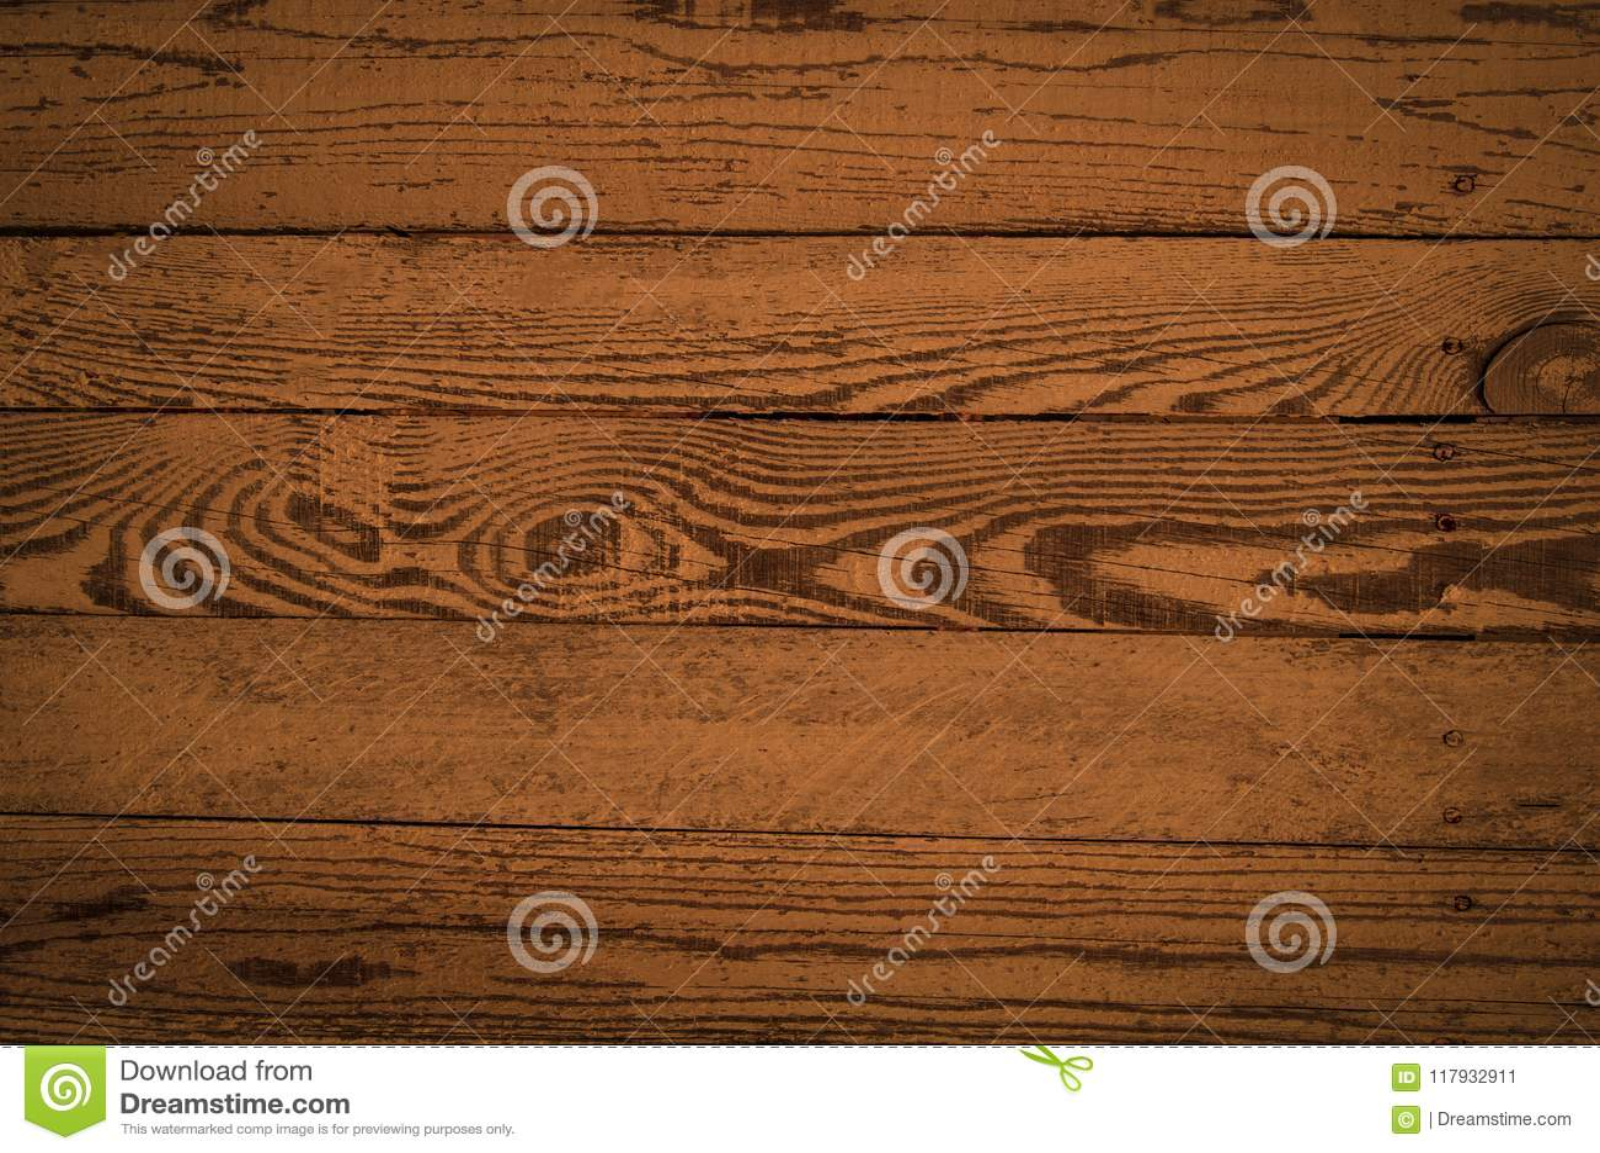 Hölzerne Beschaffenheit von horizontalen Brettern in einer braunen Farbe